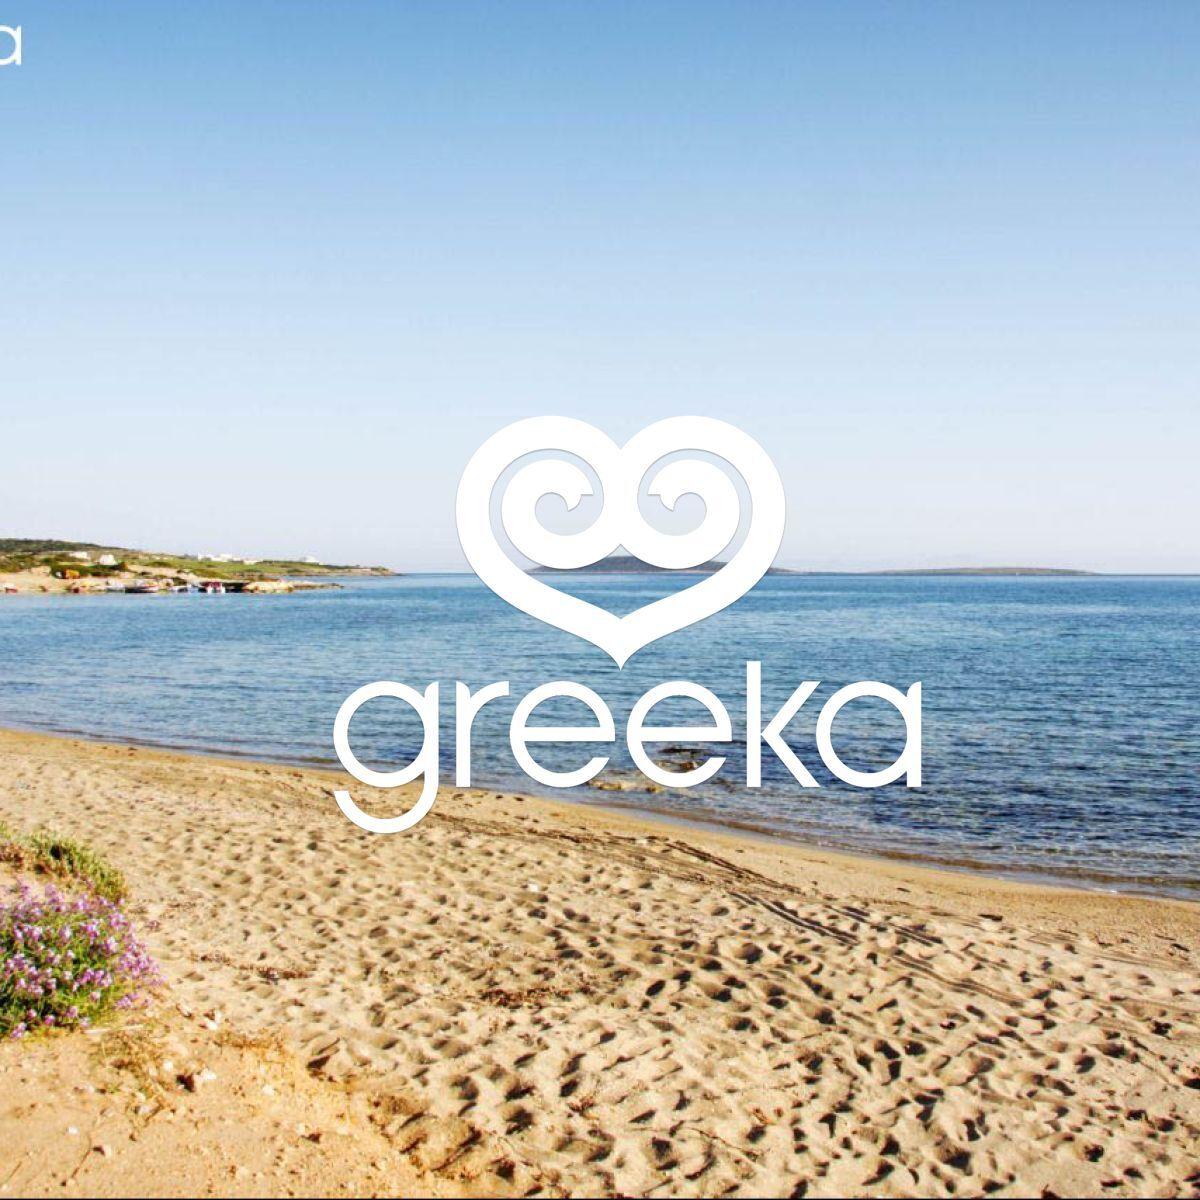 Paros Beaches: Paros Voutakos Beach - Paros Beaches